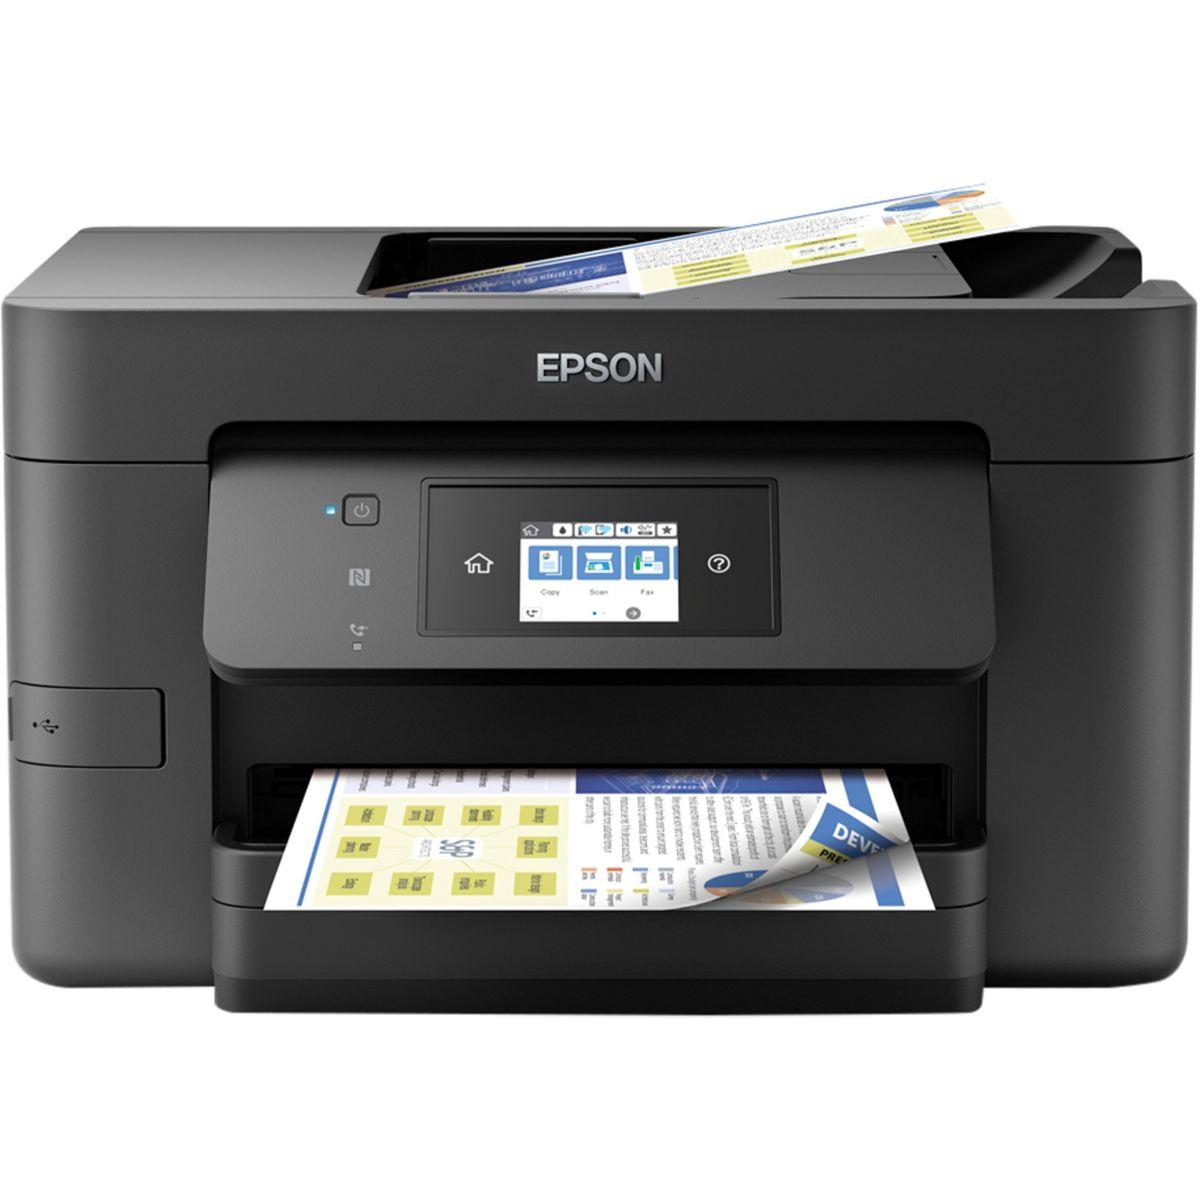 Imprimante jet d'encre EPSON WF-3725DWF